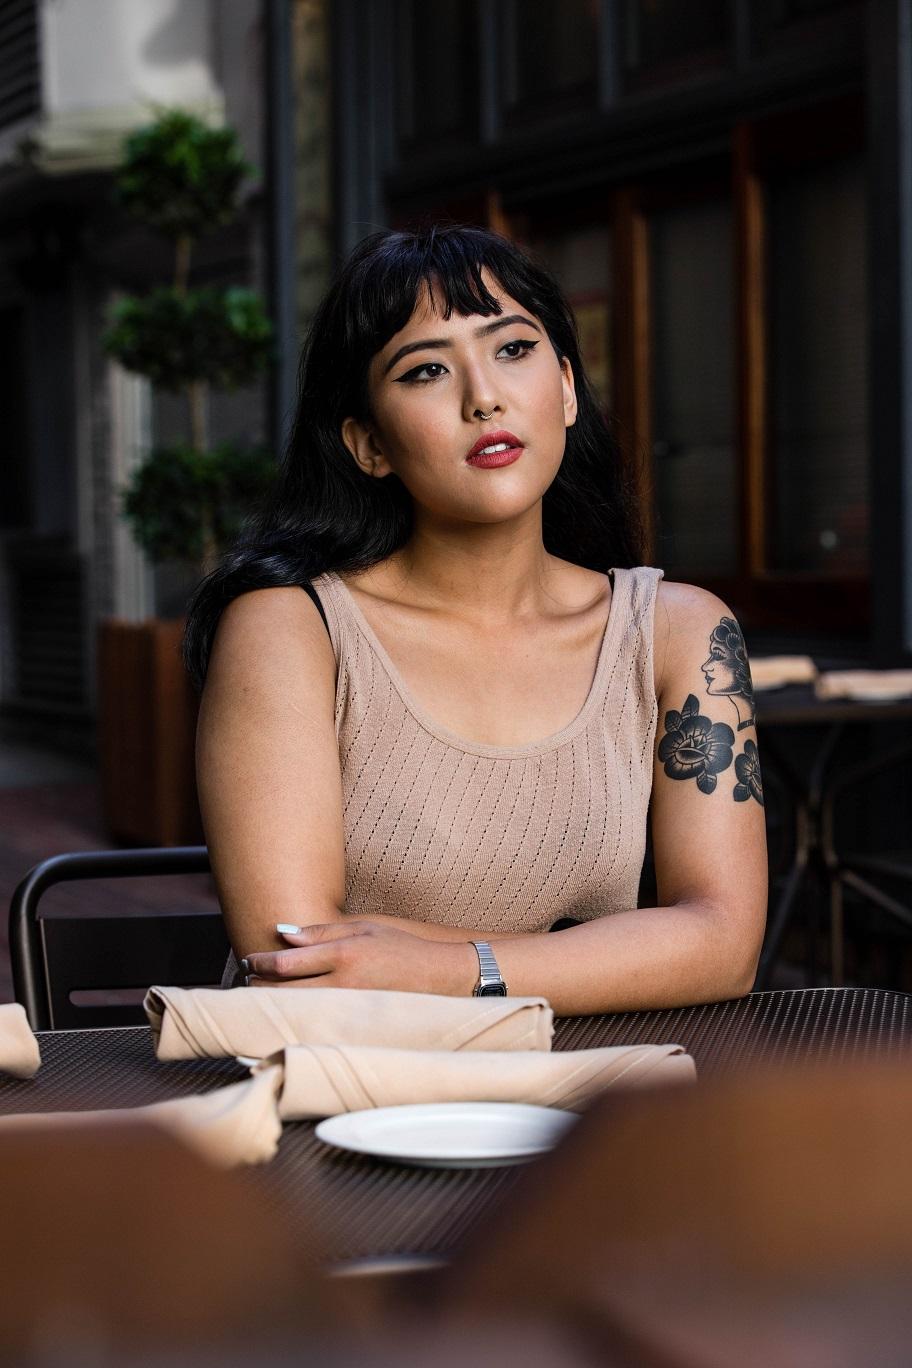 Jak wybrać i zadbać o estetyczny, kobiecy tatuaż? – informacja prasowa